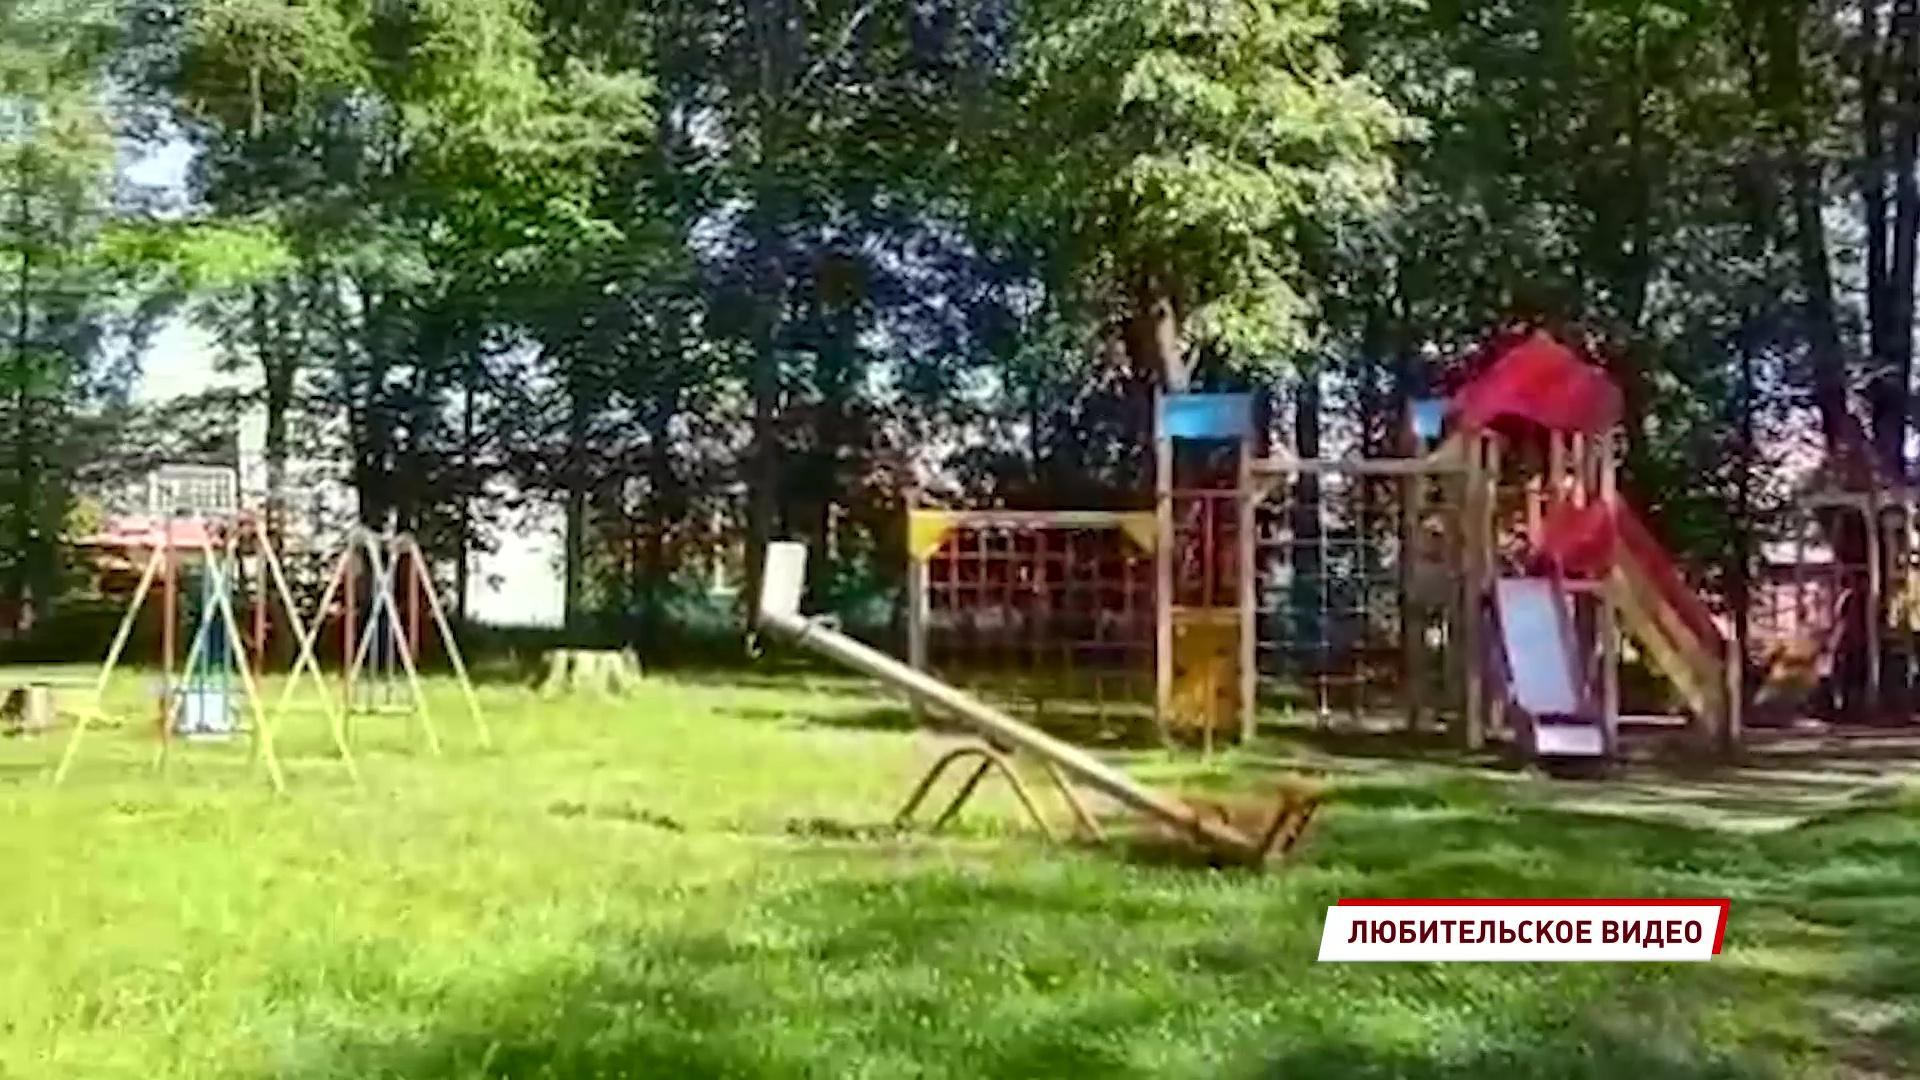 Ярославцы продолжают выбирать территории для будущего благоустройства